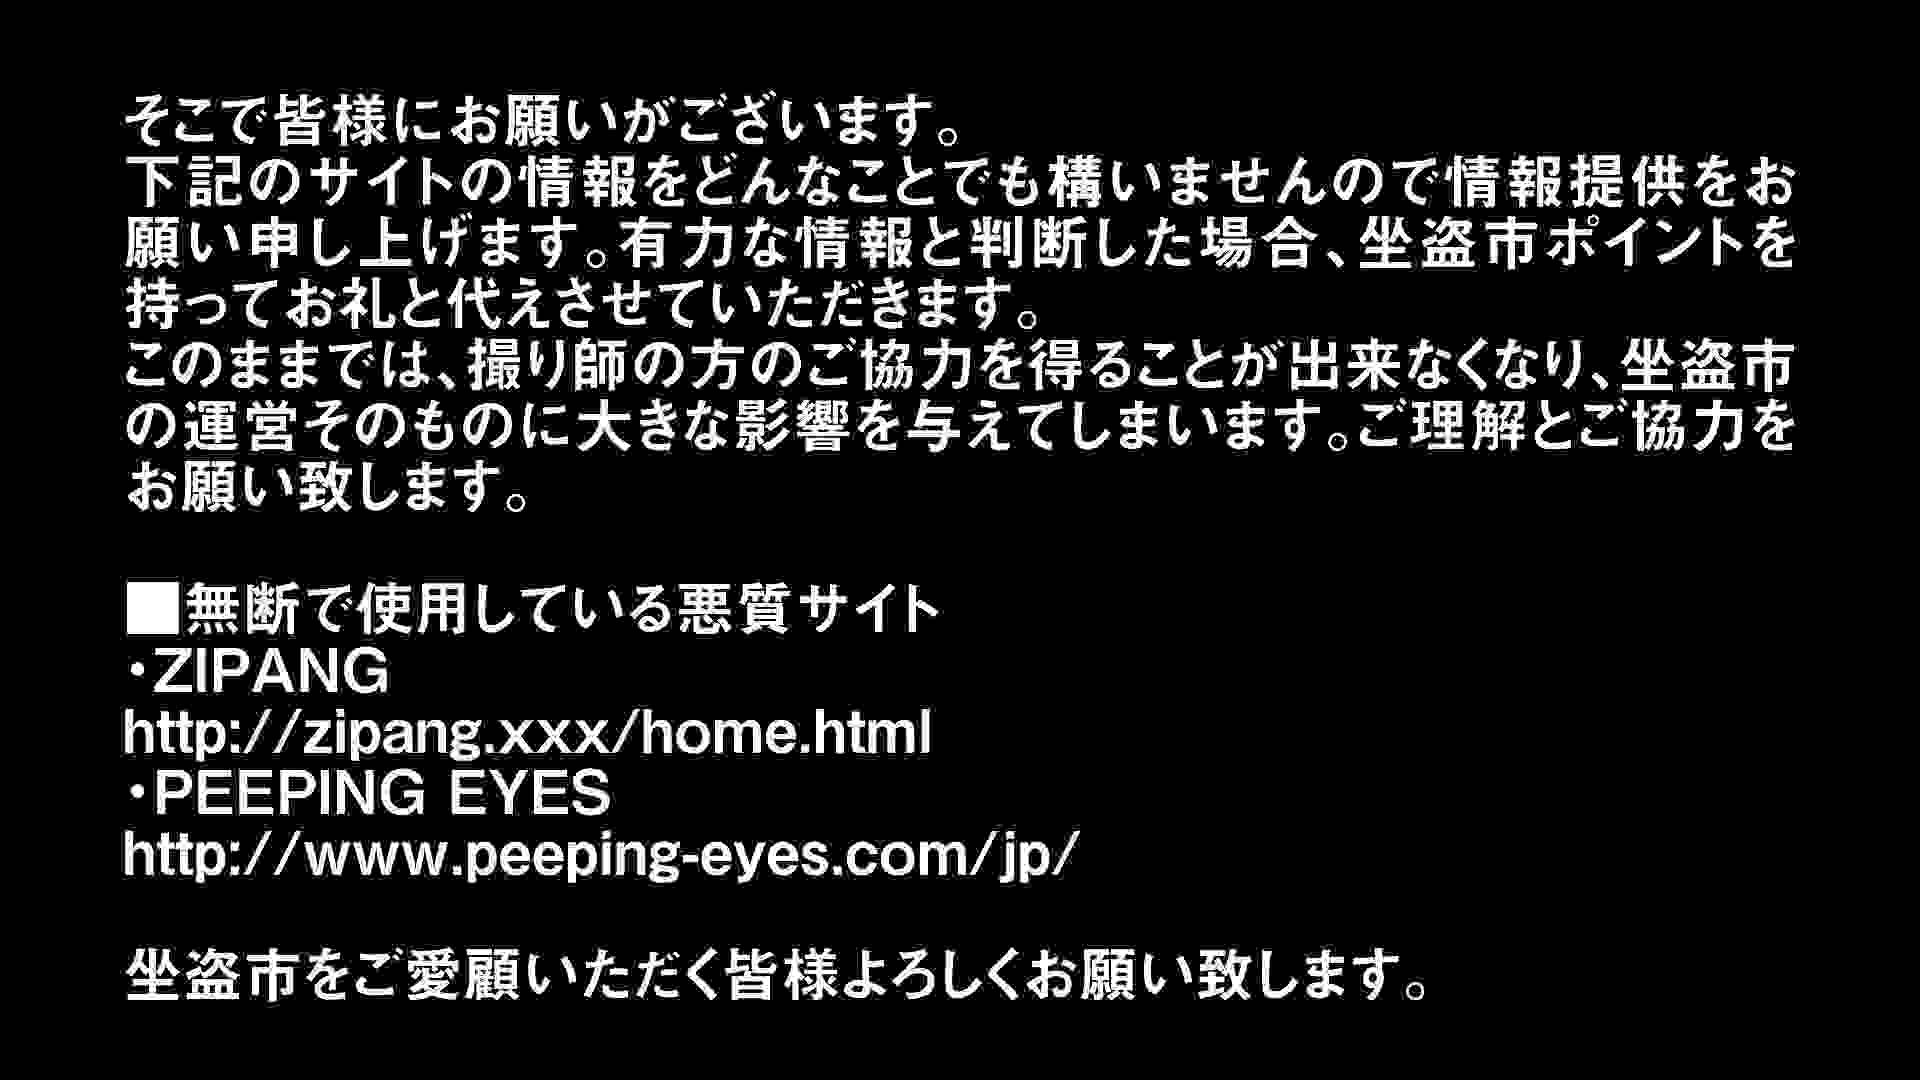 Aquaな露天風呂Vol.301 盗撮 | 露天風呂  112連発 43